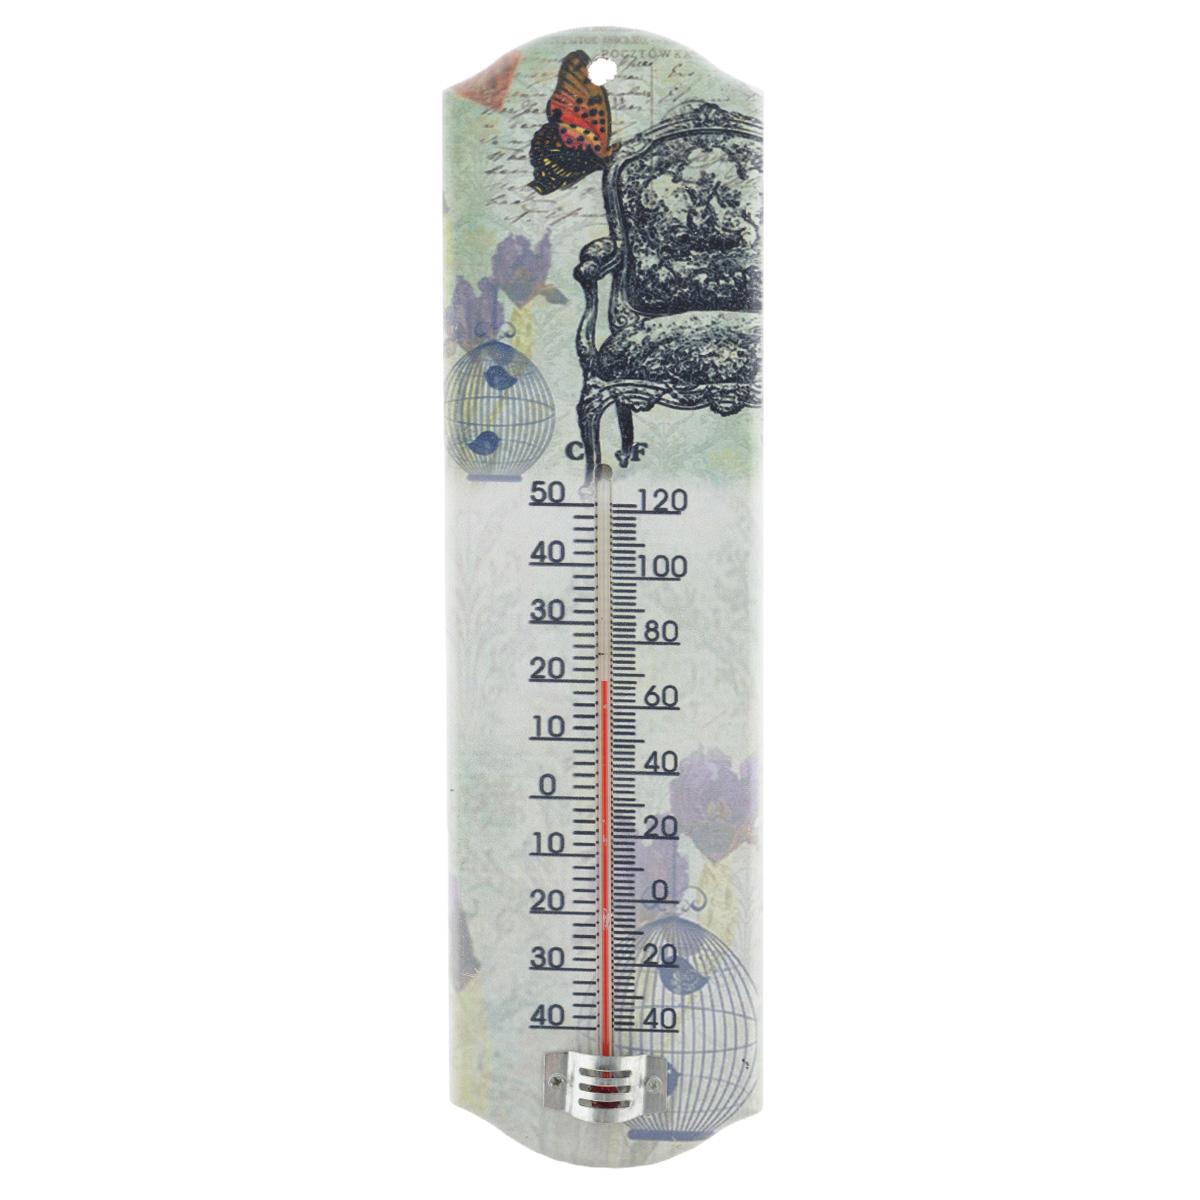 Термометр декоративный Феникс-презент, комнатный. 3373833738Комнатный термометр Феникс-презент, изготовленный из МДФ и стекла, декорирован изображением винтажного кресла и бабочки. Термометр имеет шкалу измерения температуры по Цельсию (-40°С - +50°С) и по Фаренгейту (-40°F - +120°F). Благодаря такому термометру вы всегда будете точно знать, насколько тепло в помещении. Изделие оснащено специальным отверстием для подвешивания. Оригинальный дизайн не оставит равнодушным никого. Термометр удачно впишется в обстановку жилого помещения, гаража или беседки. Кроме того, это актуальный подарок для человека с хорошим вкусом. Высота градусника: 14,5 см.